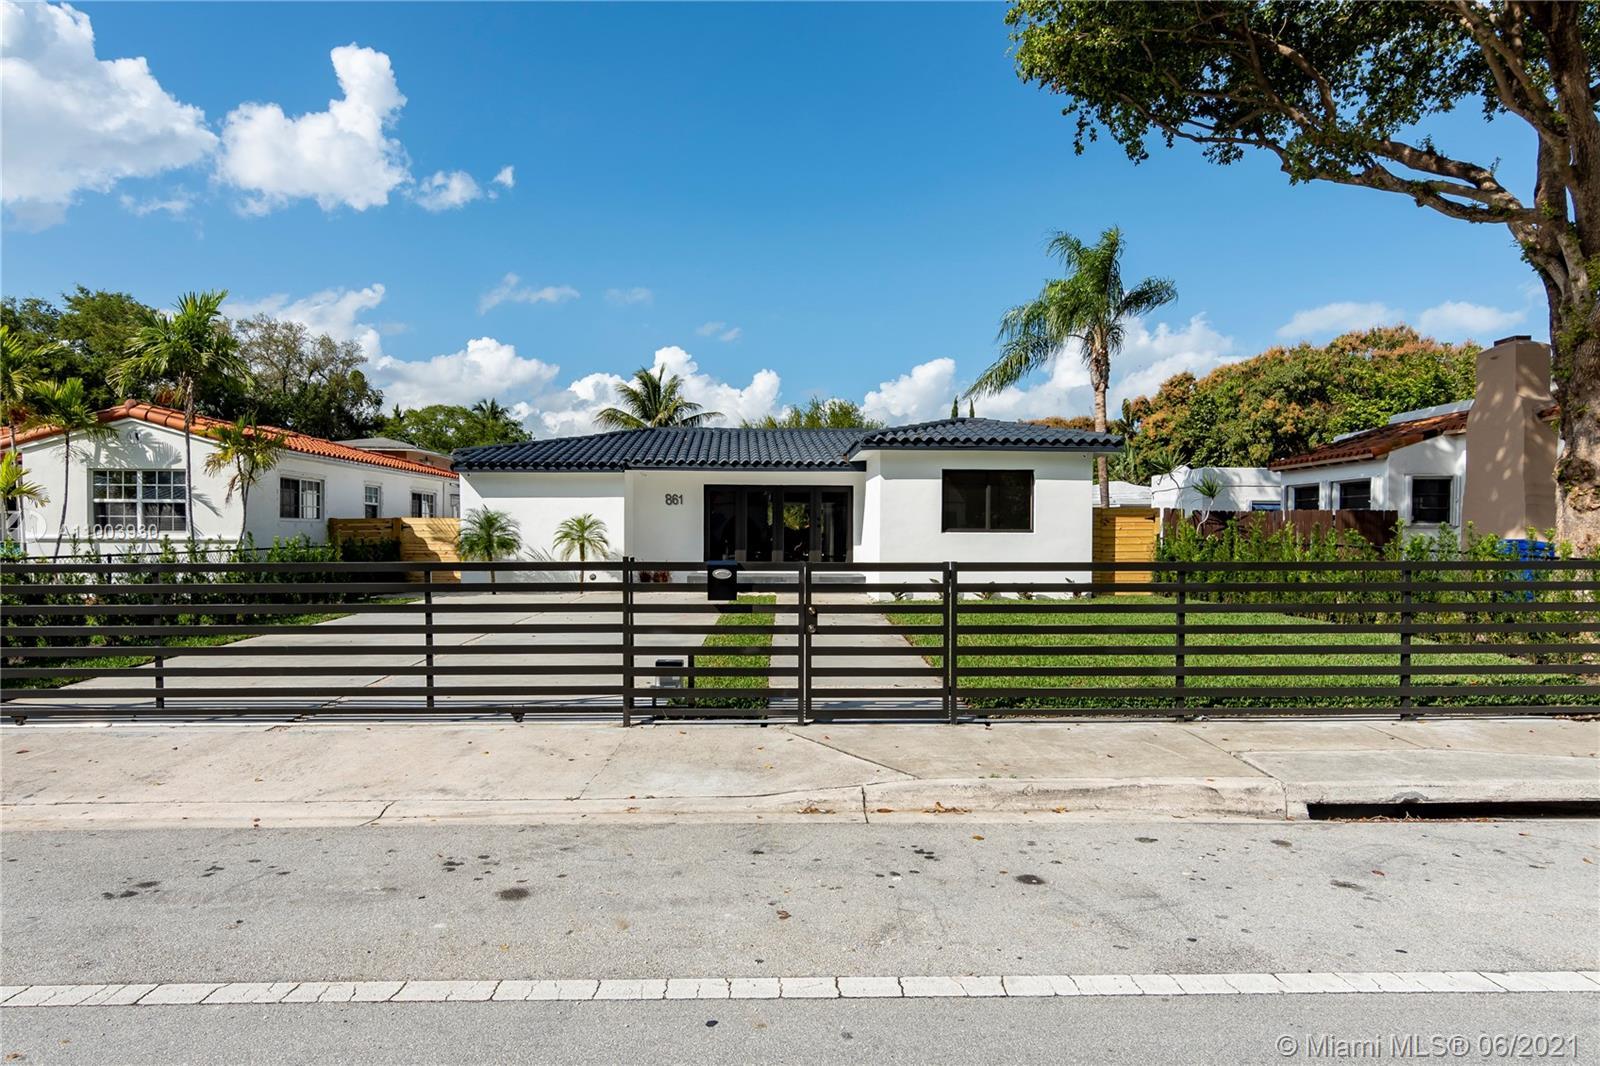 Shore Crest - 861 NE 82nd St, Miami, FL 33138